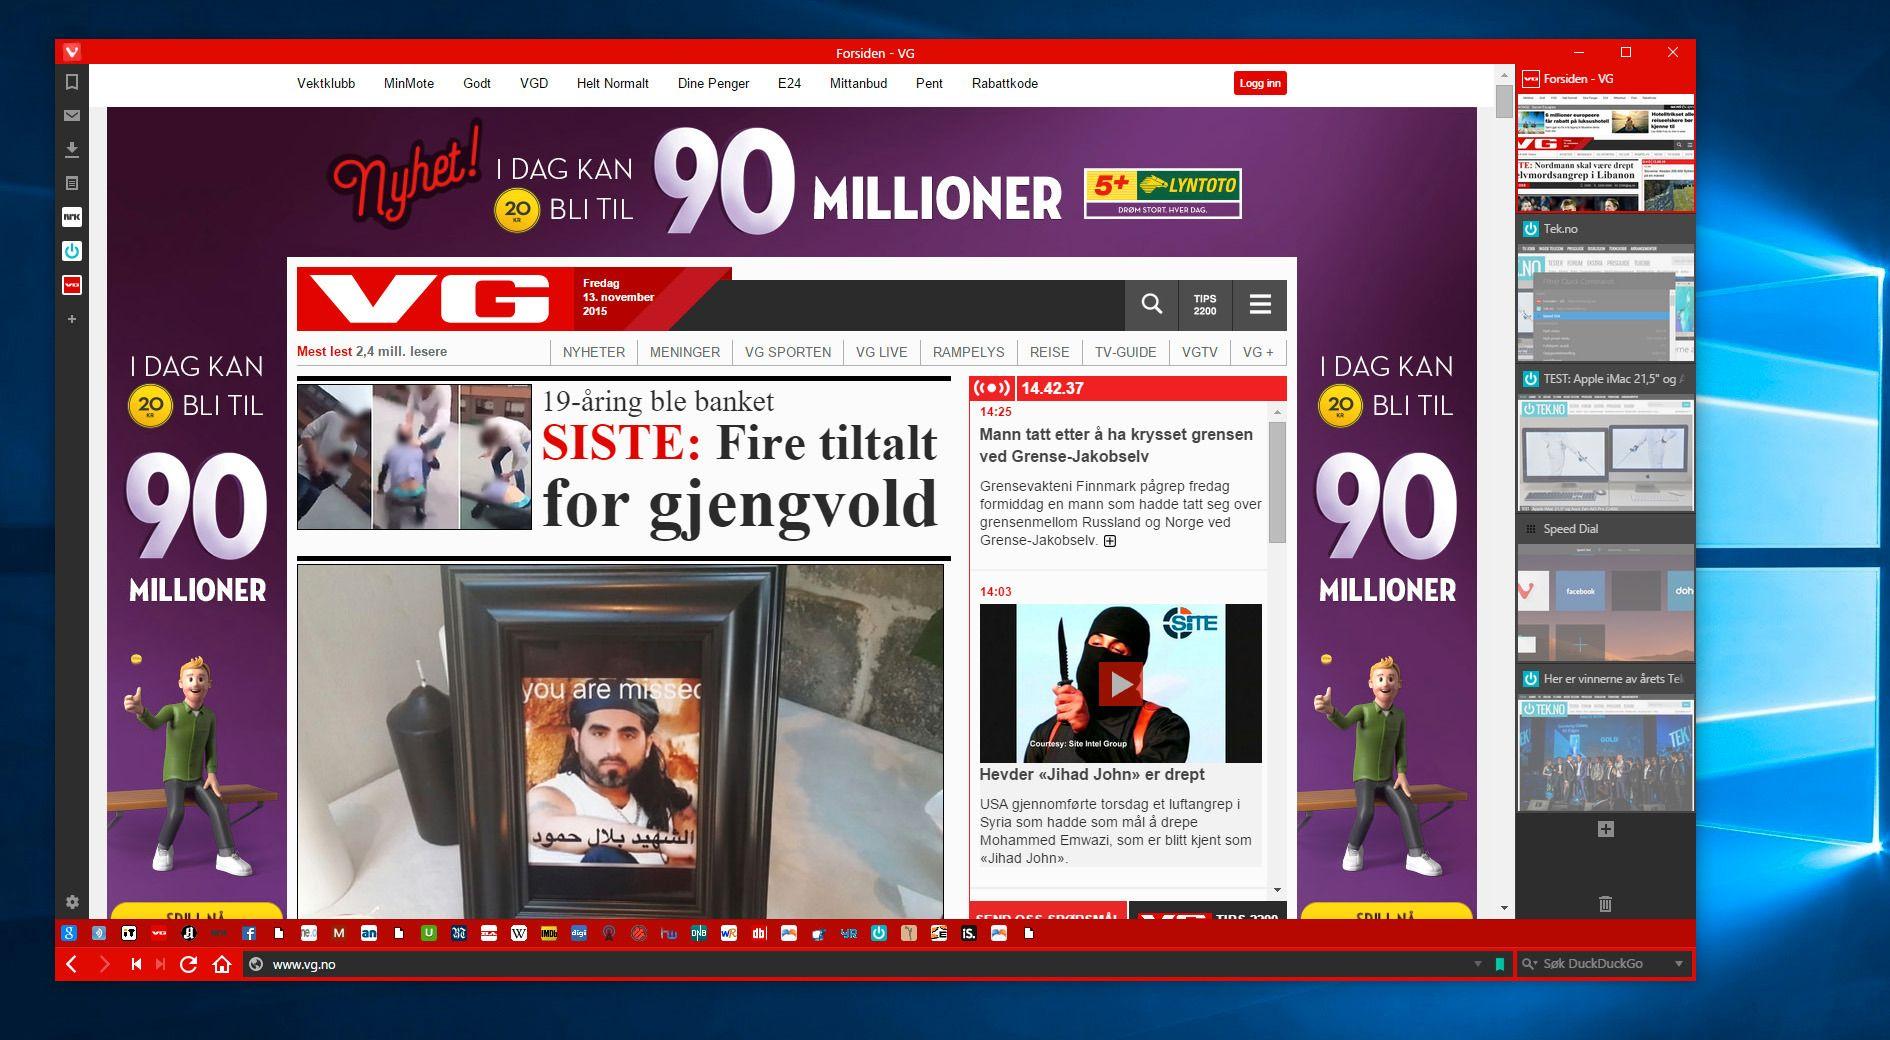 Nettleseren tar fargene til innholdet om du ikke har valgt noe annet selv. Dermed blir den knall rød når vi besøker VG-nett.